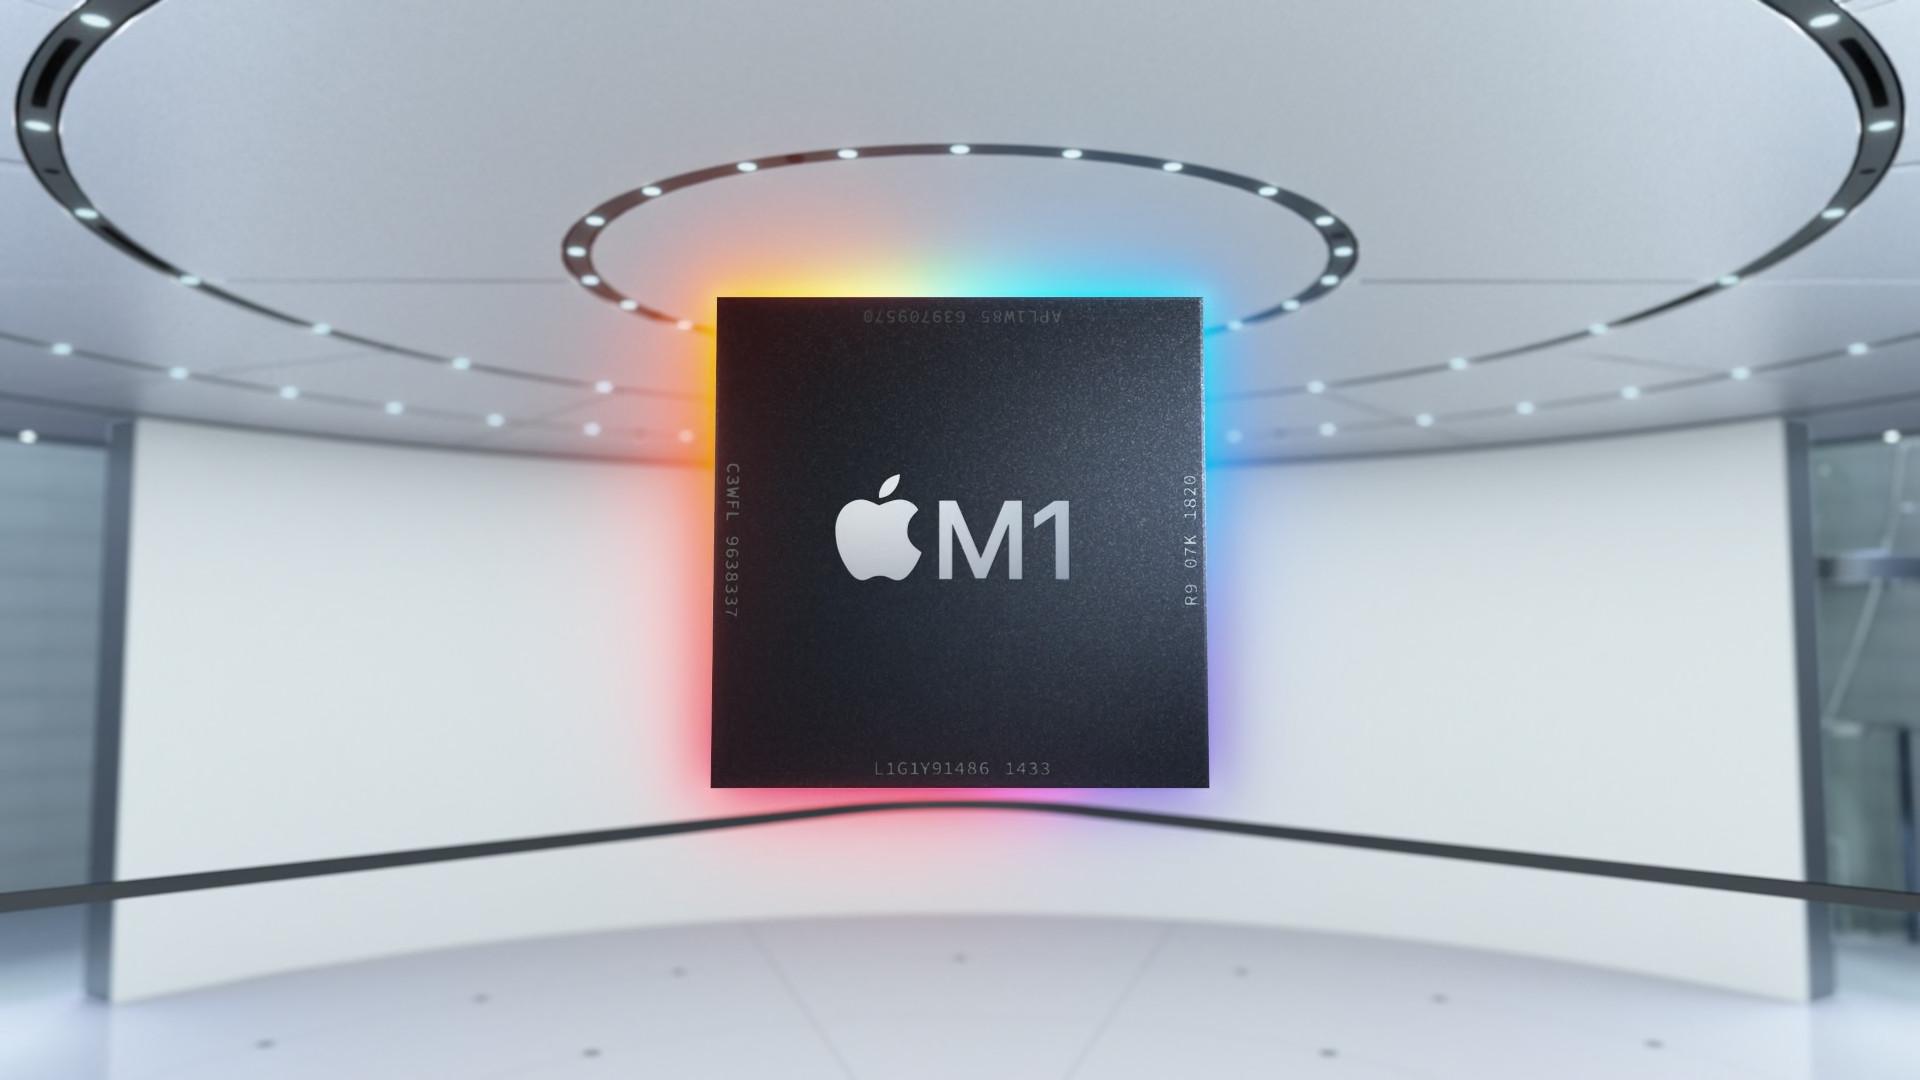 Inženýr společnosti Apple vysvětluje, proč je M1 tak cool